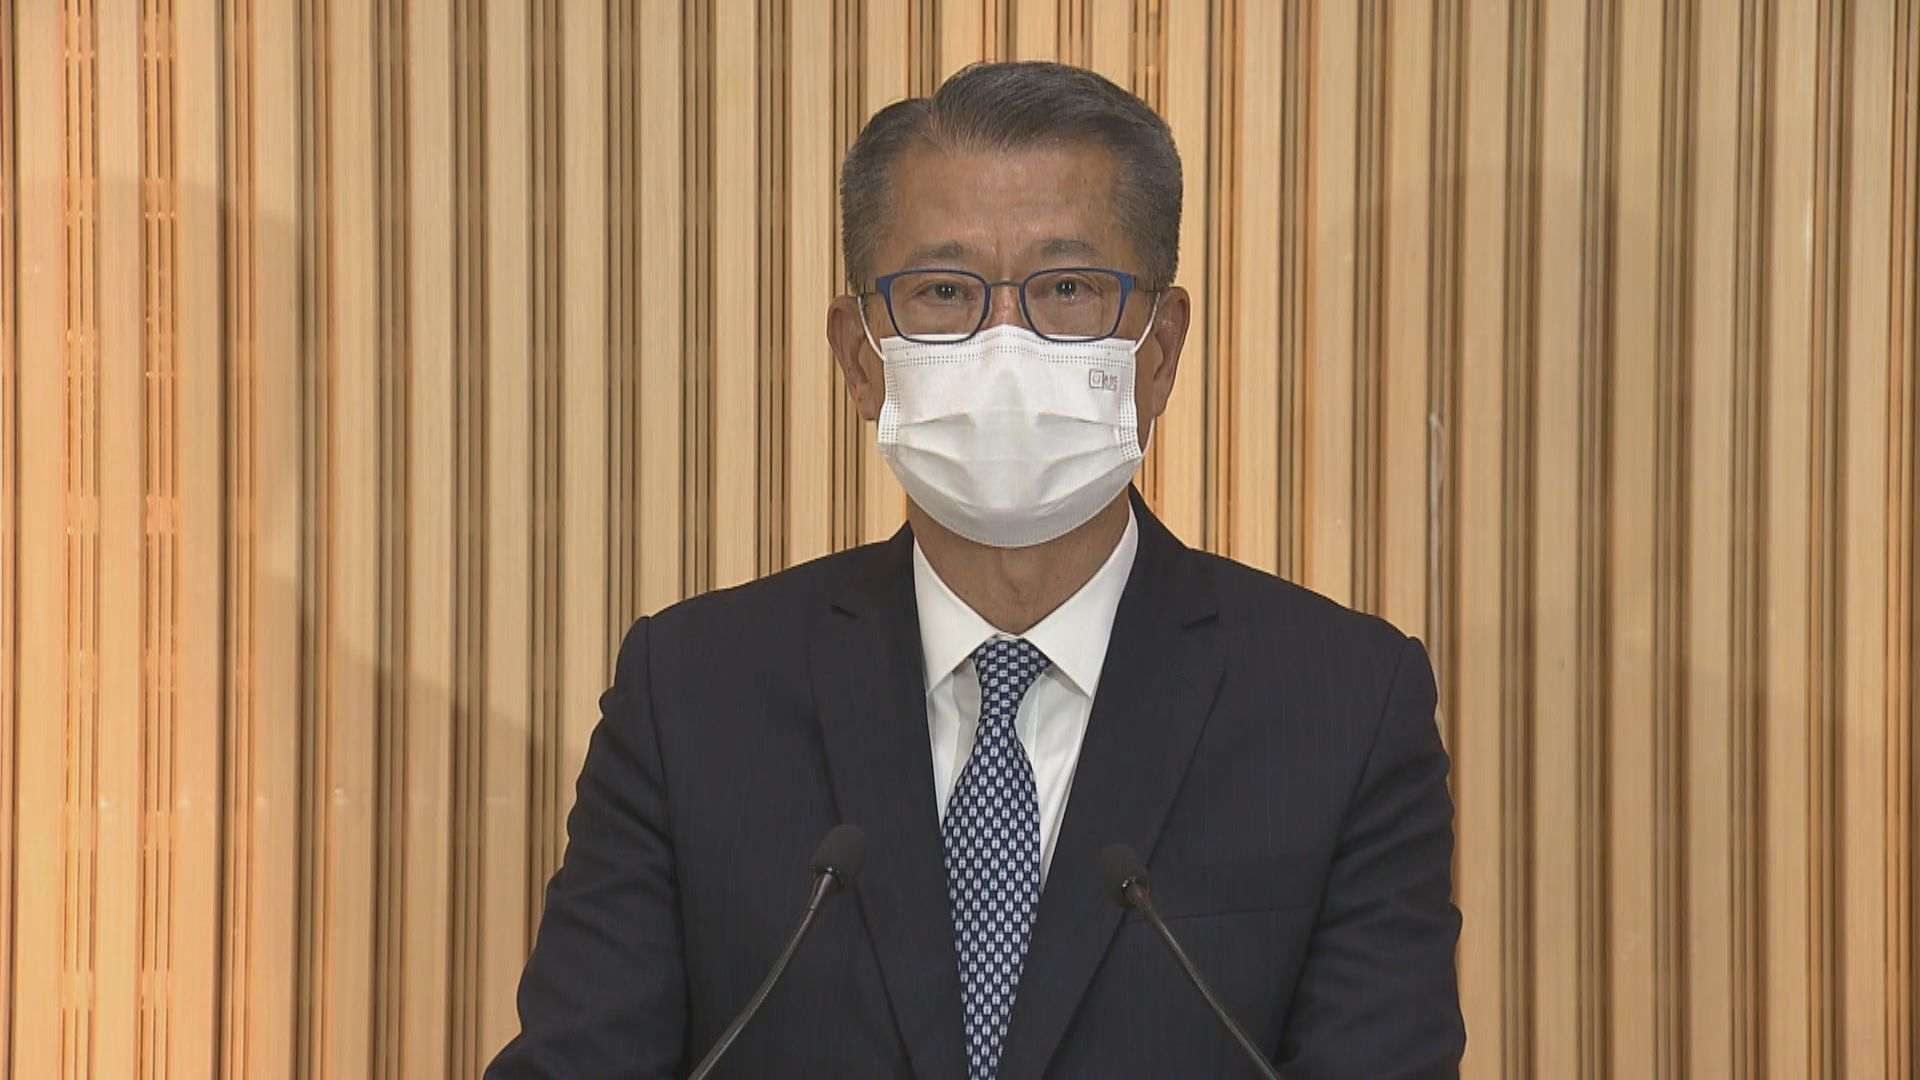 陳茂波委任審查員調查壹傳媒事務 包括有否涉管理失當及違法行為